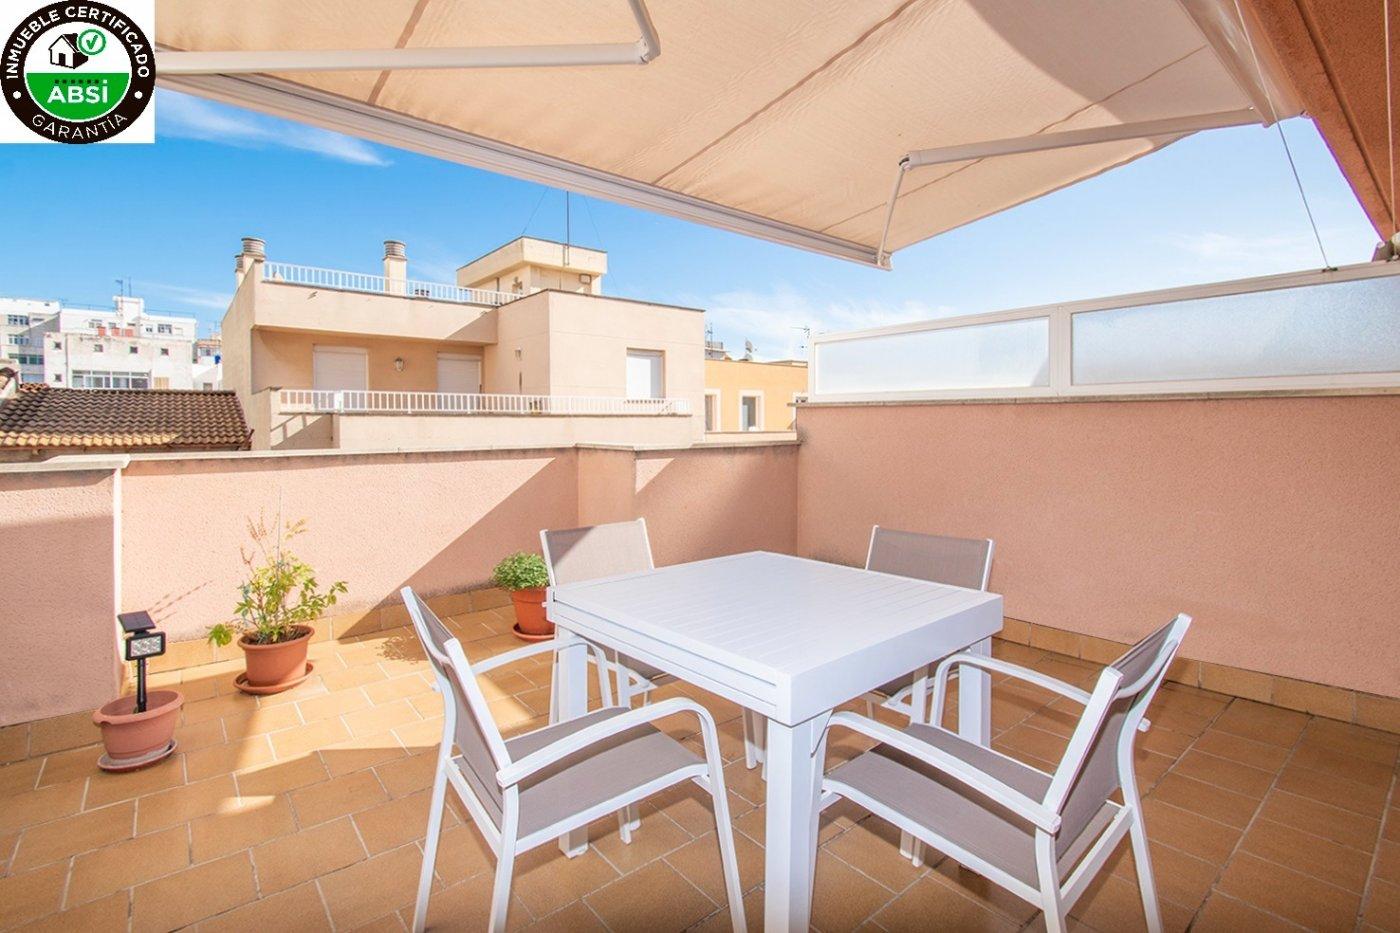 Ático-dÚplex de 3 habitaciones con terraza en planta en pedro garau (parking opcional) - imagenInmueble0